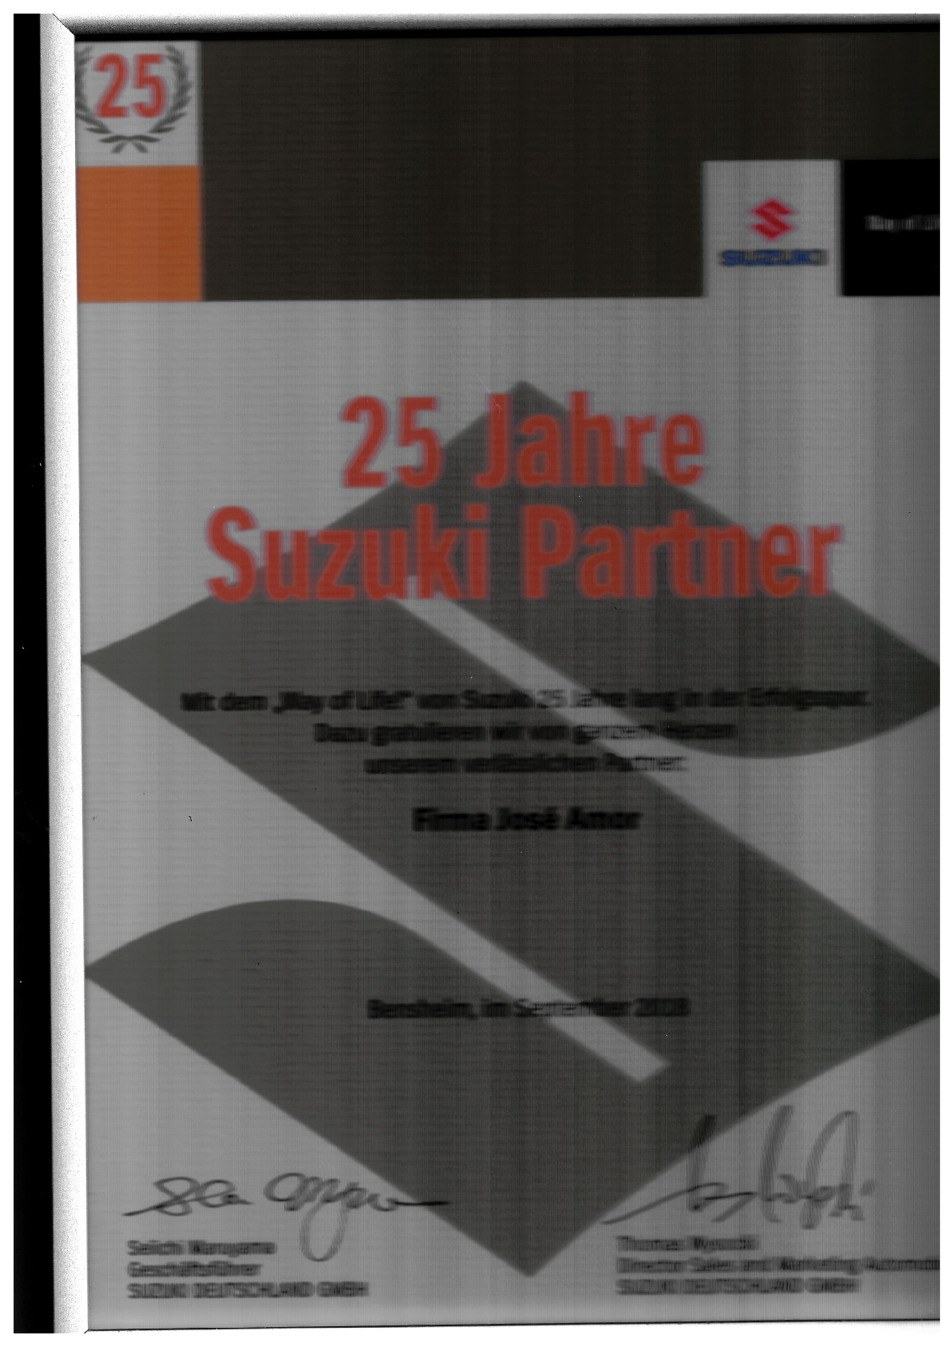 25 Jahre Suzuki Partner